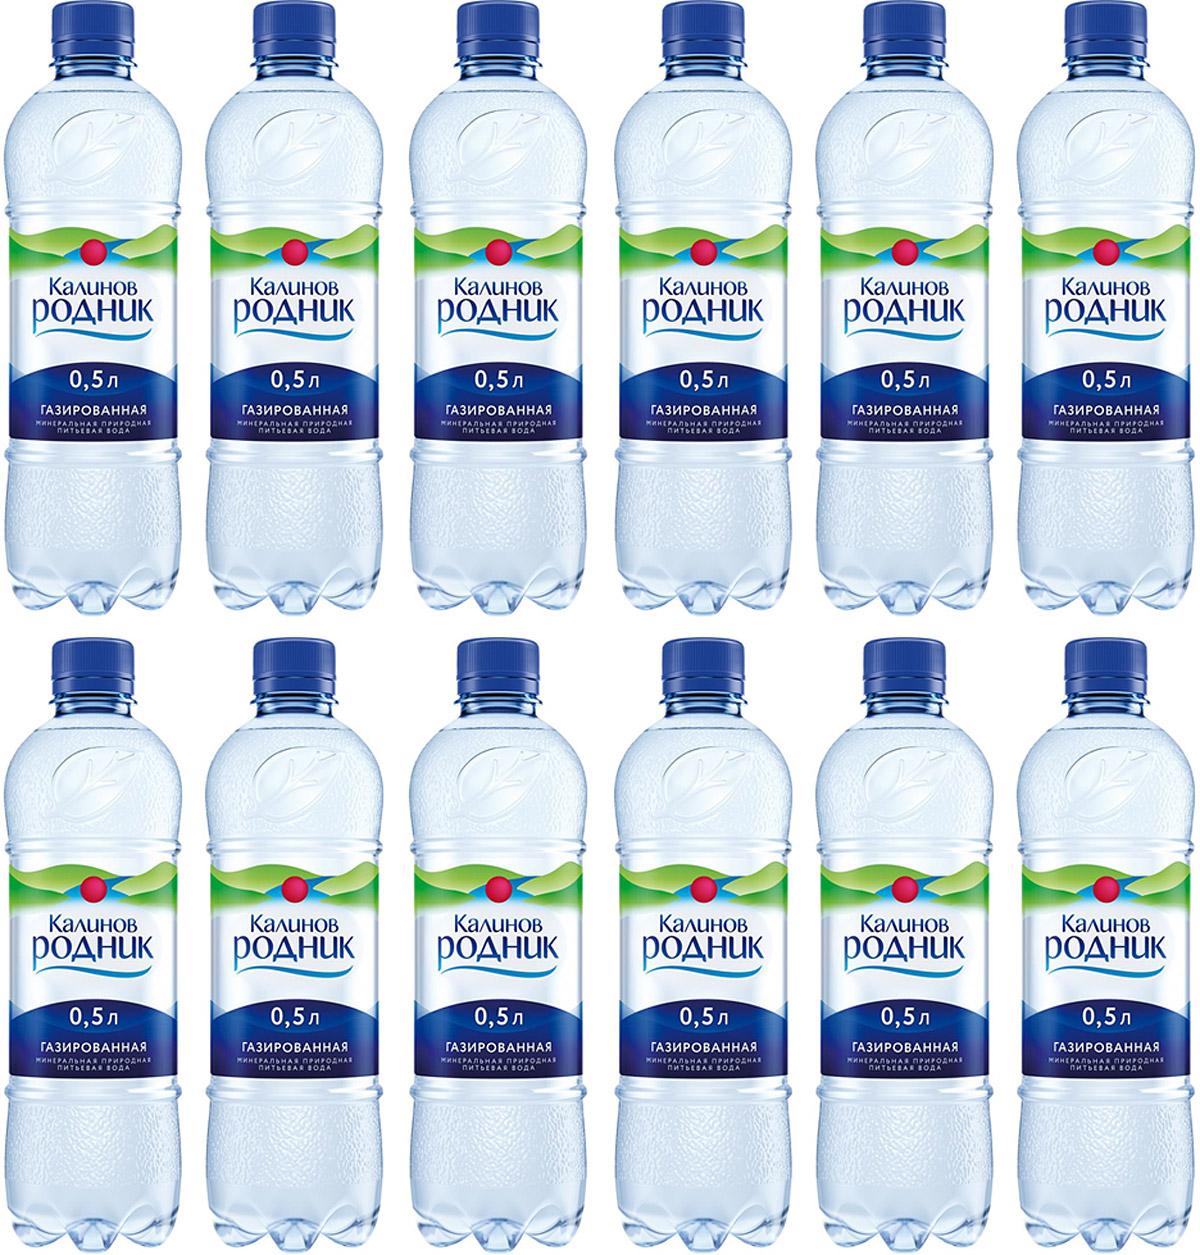 Калинов Родник минеральная питьевая газированная вода, 12 шт по 0,5 л0120710Чистая от природы и бережно сохраненная на современном производстве минеральная артезианская вода Калинов Родник – бесспорный эталон качества. Калинов родник - это удобная в использовании, по-настоящему вкусная и полезная вода. Пейте и получайте удовольствие!